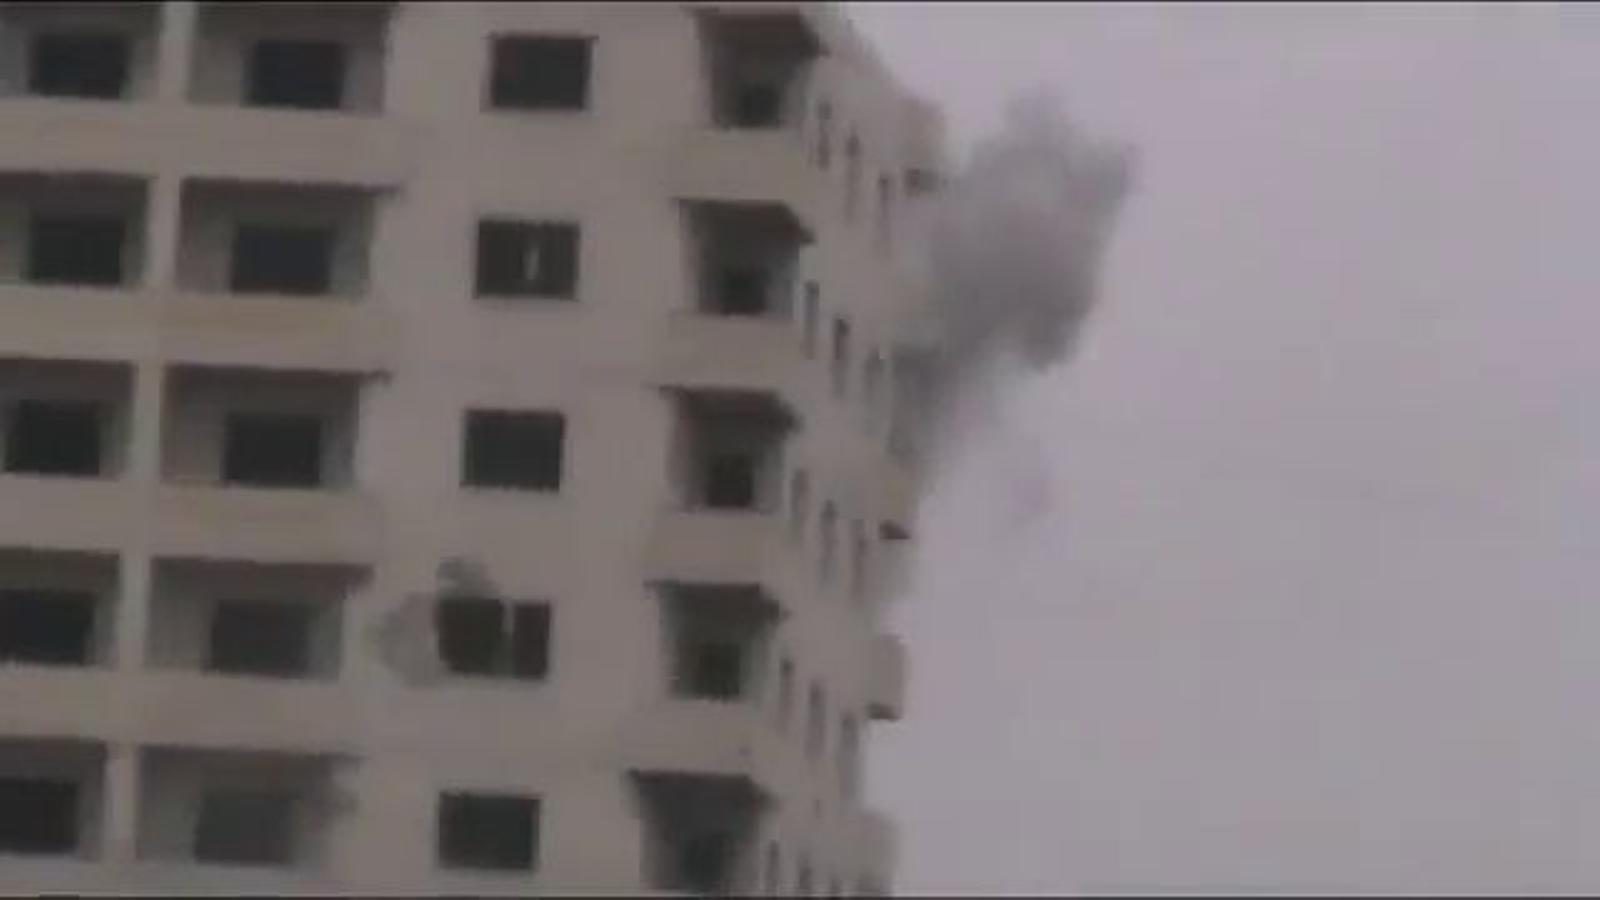 Tancs sirians bombardegen la ciutat d'Homs